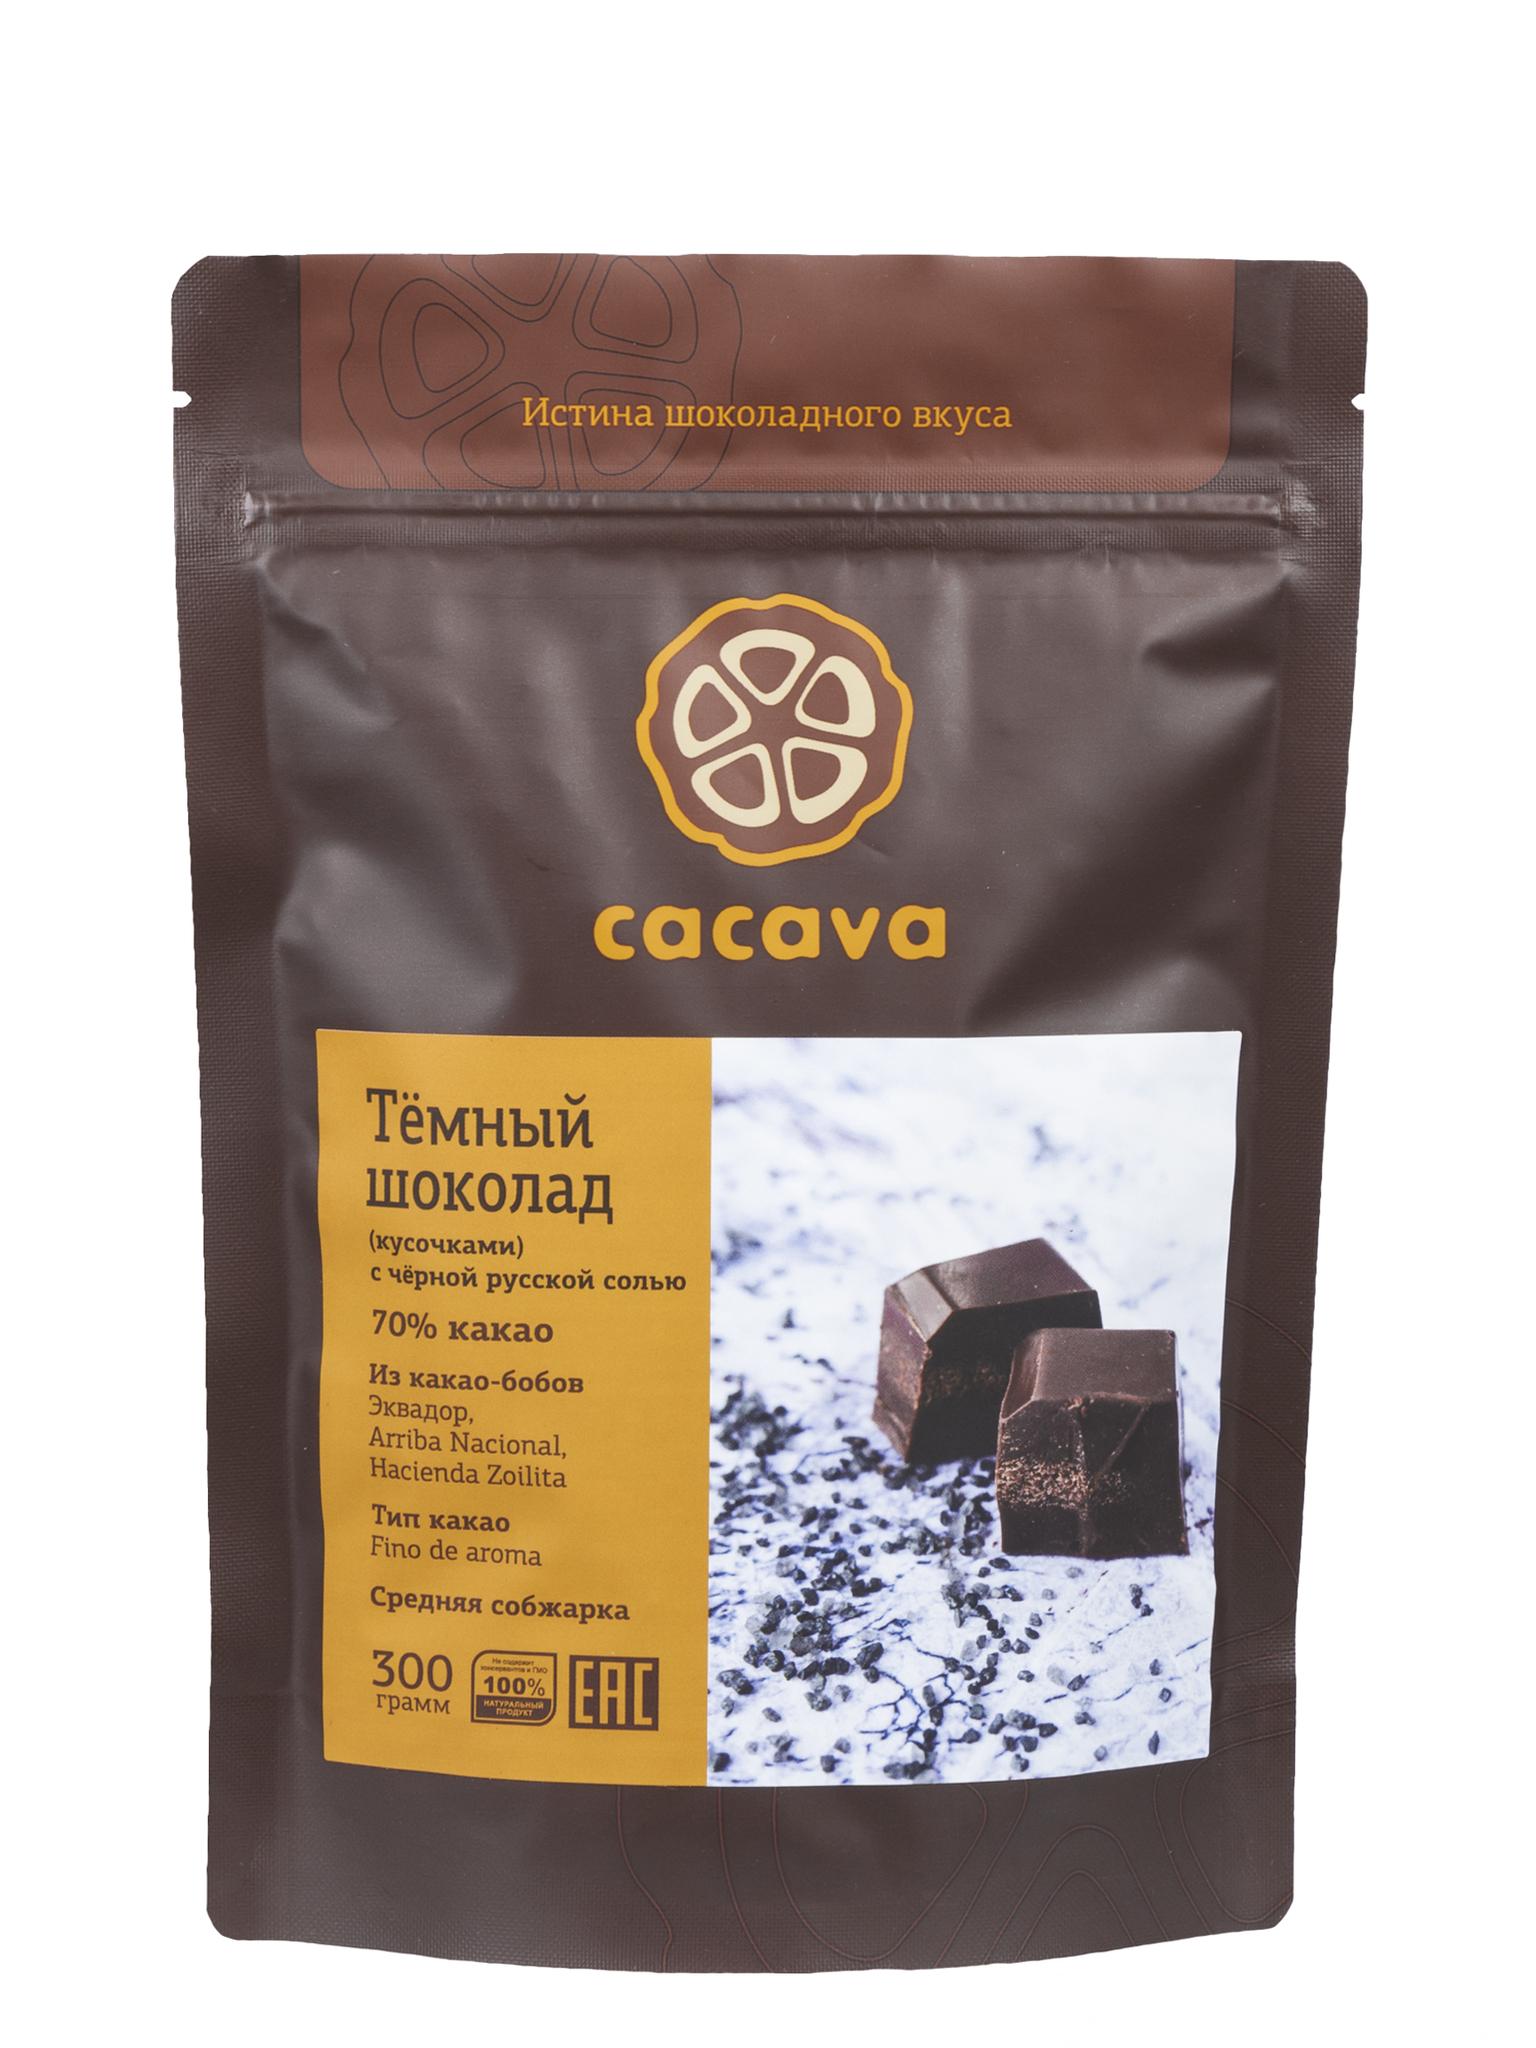 Тёмный шоколад с чёрной солью 70 % какао (Эквадор), упаковка 300 грамм